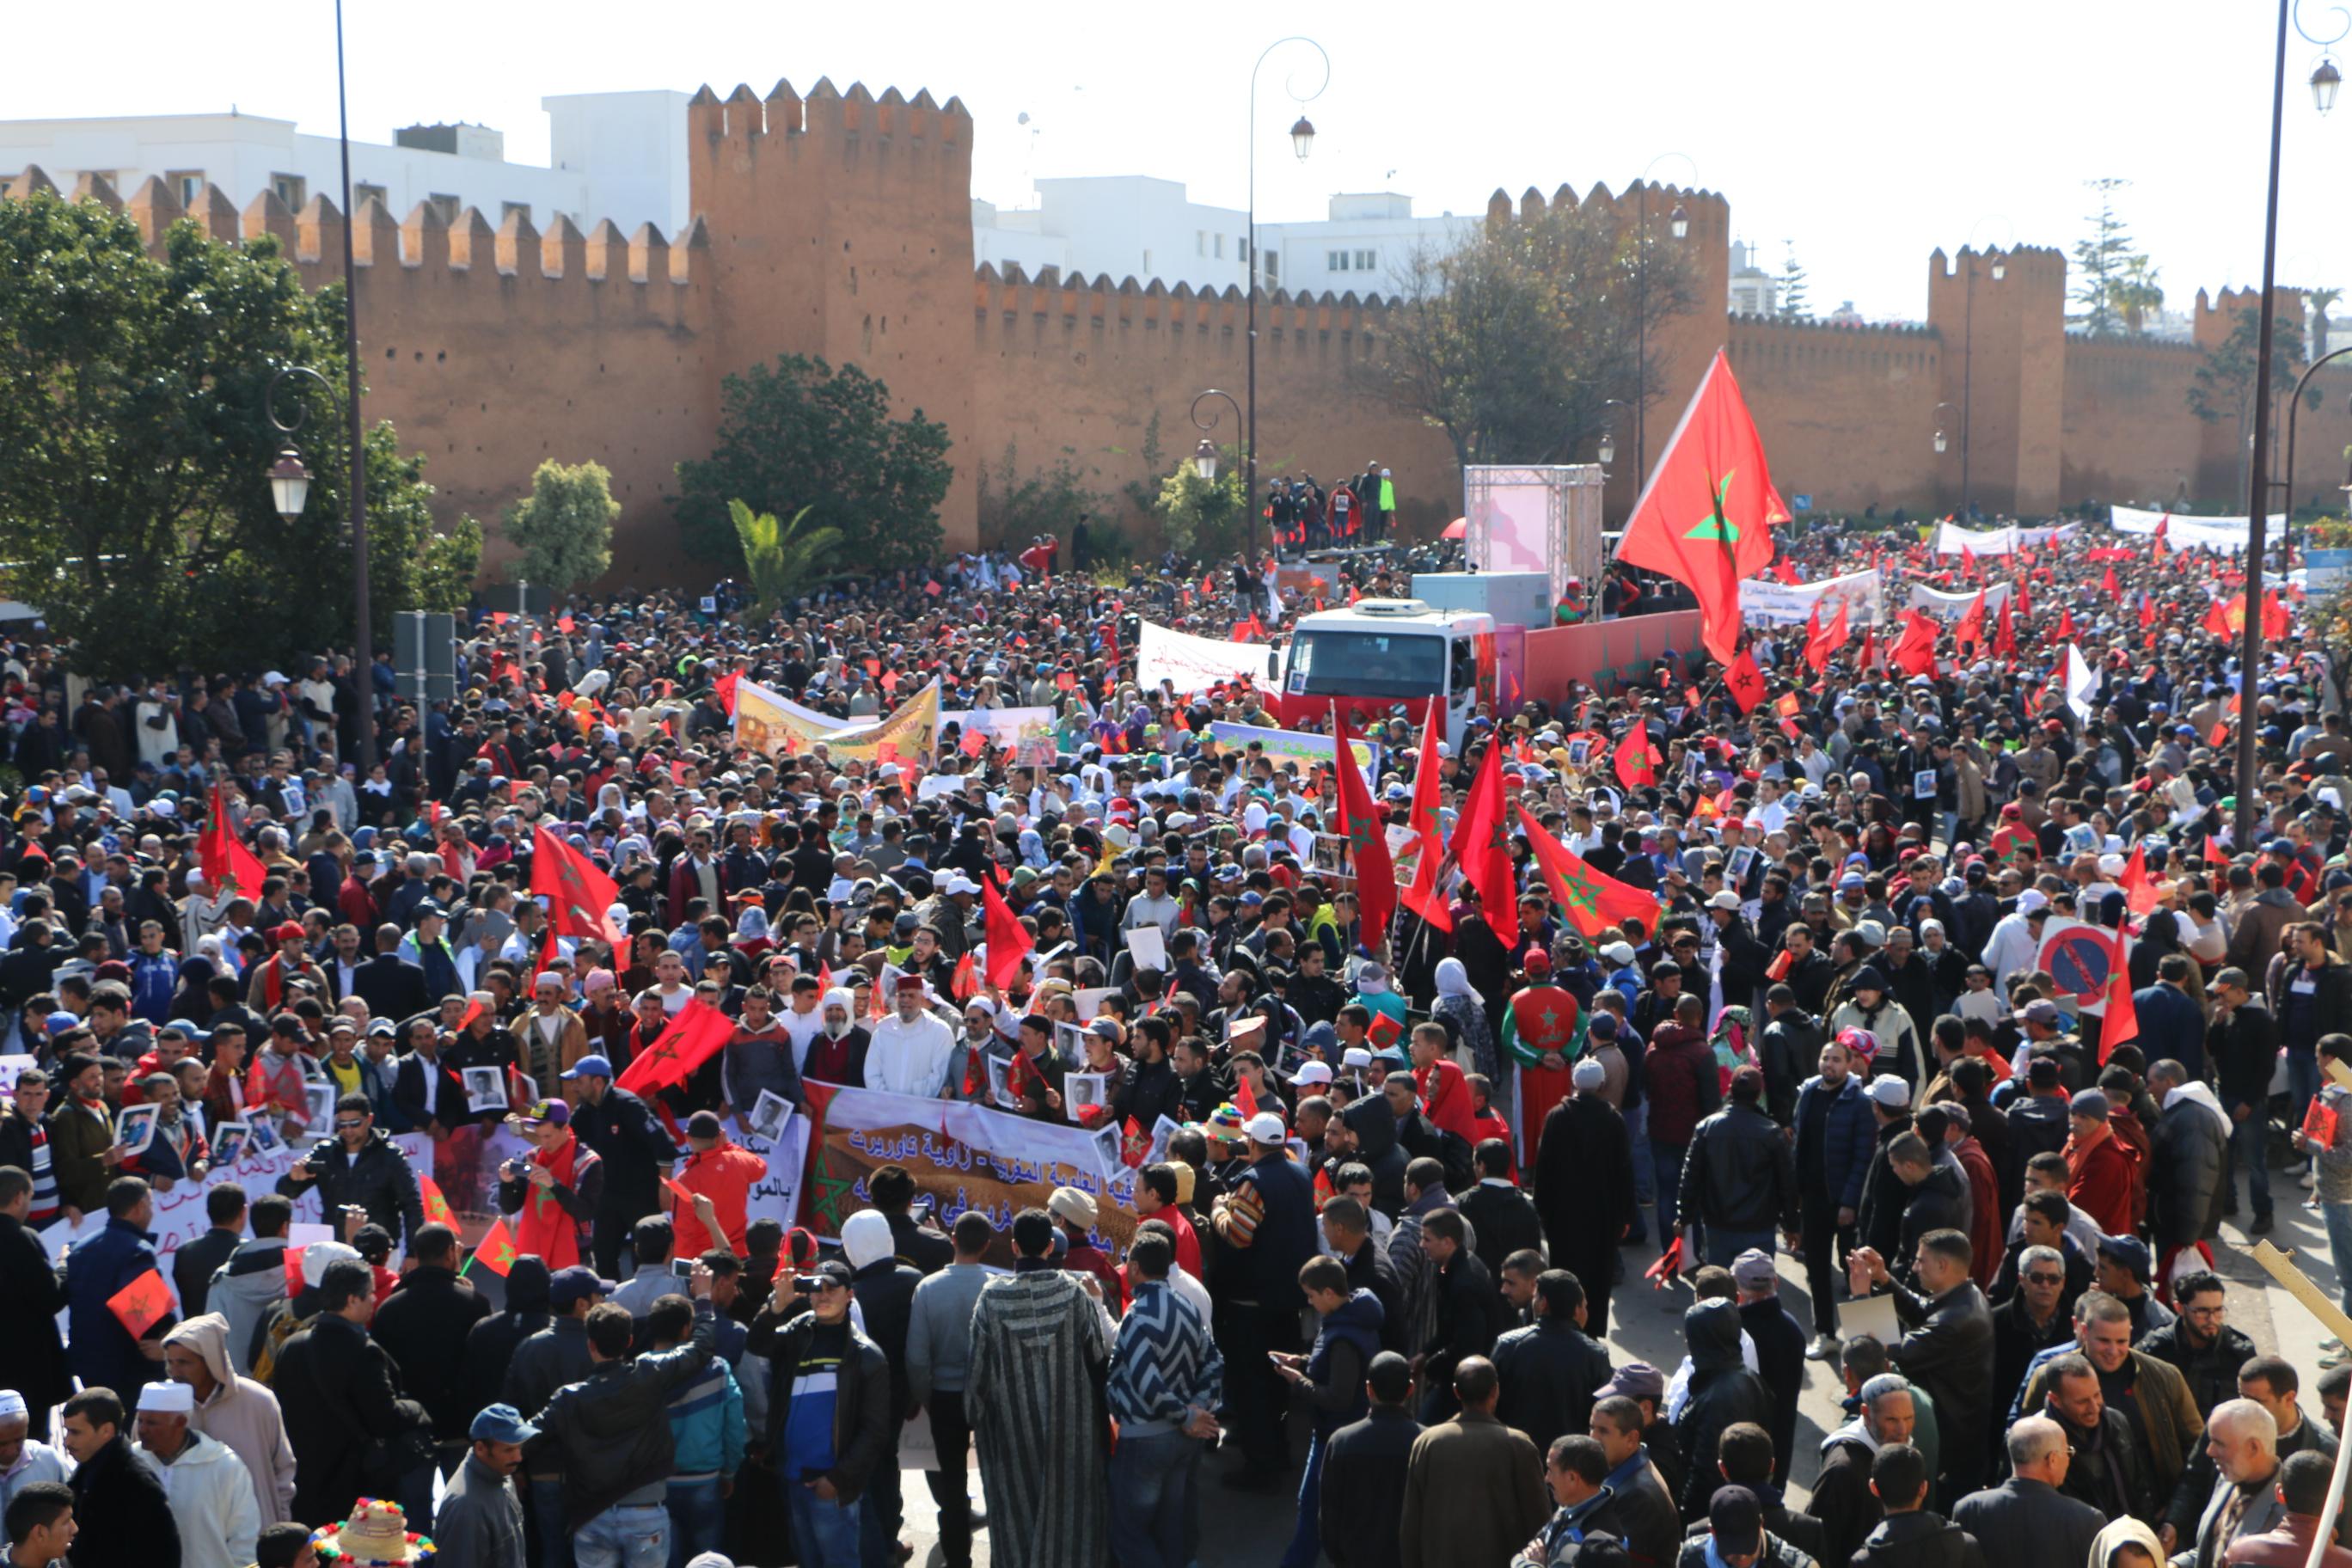 بعد مسيرة الرباط….مسيرة كبرى في عاصمة الصحراء العيون